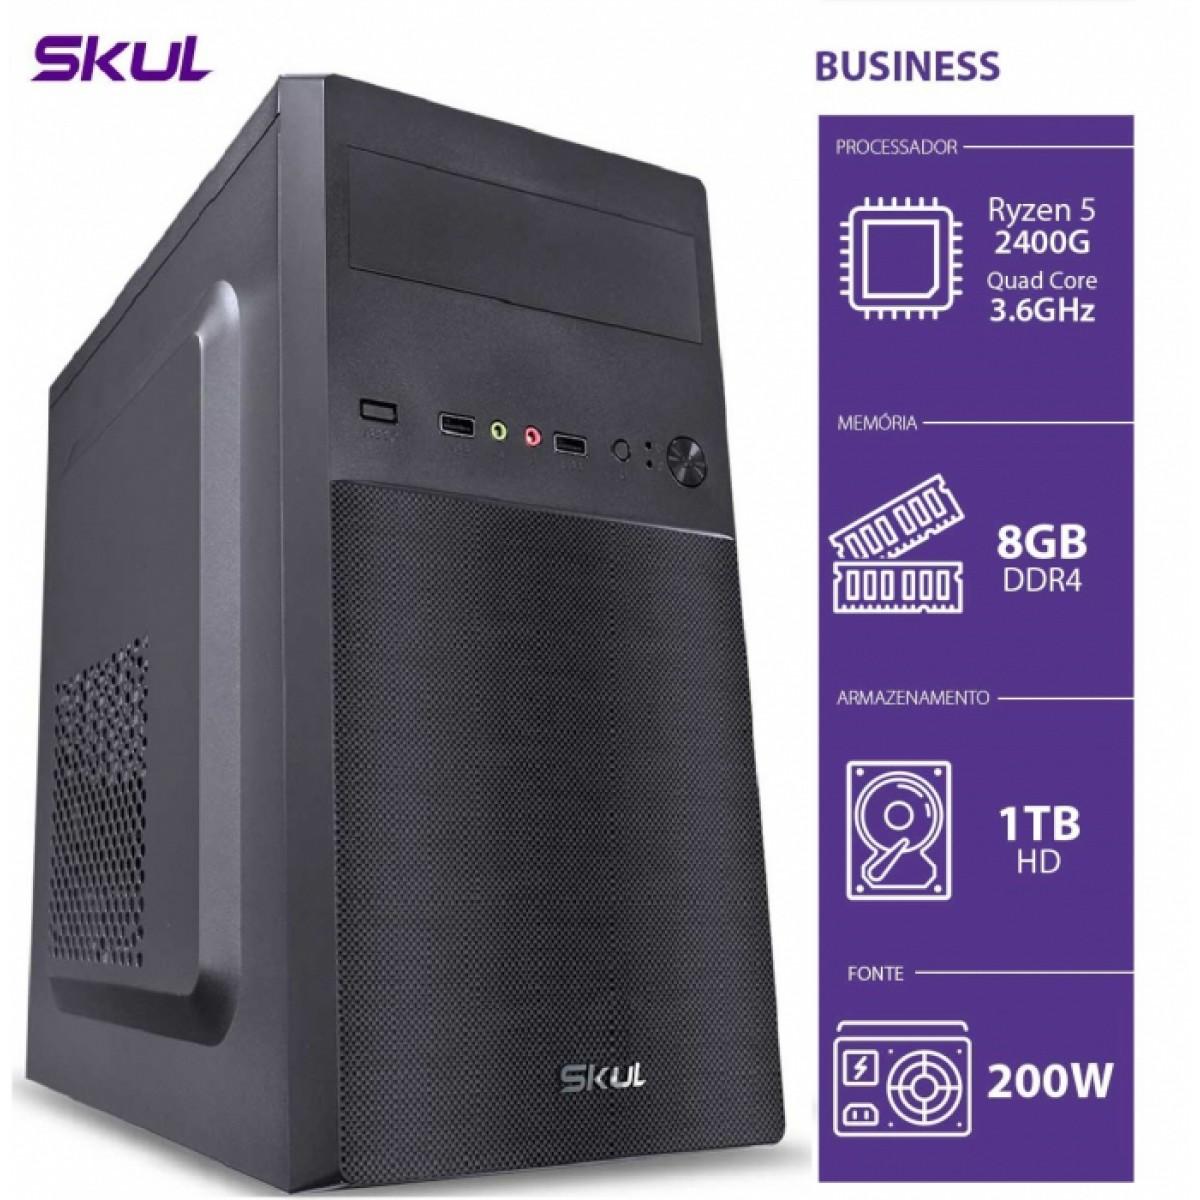 Computador Skul T-Gamer Business B500 Ryzen 5 2400G / 8GB DDR4 / HD 1TB  / HDMI/VGA / FONTE 200W